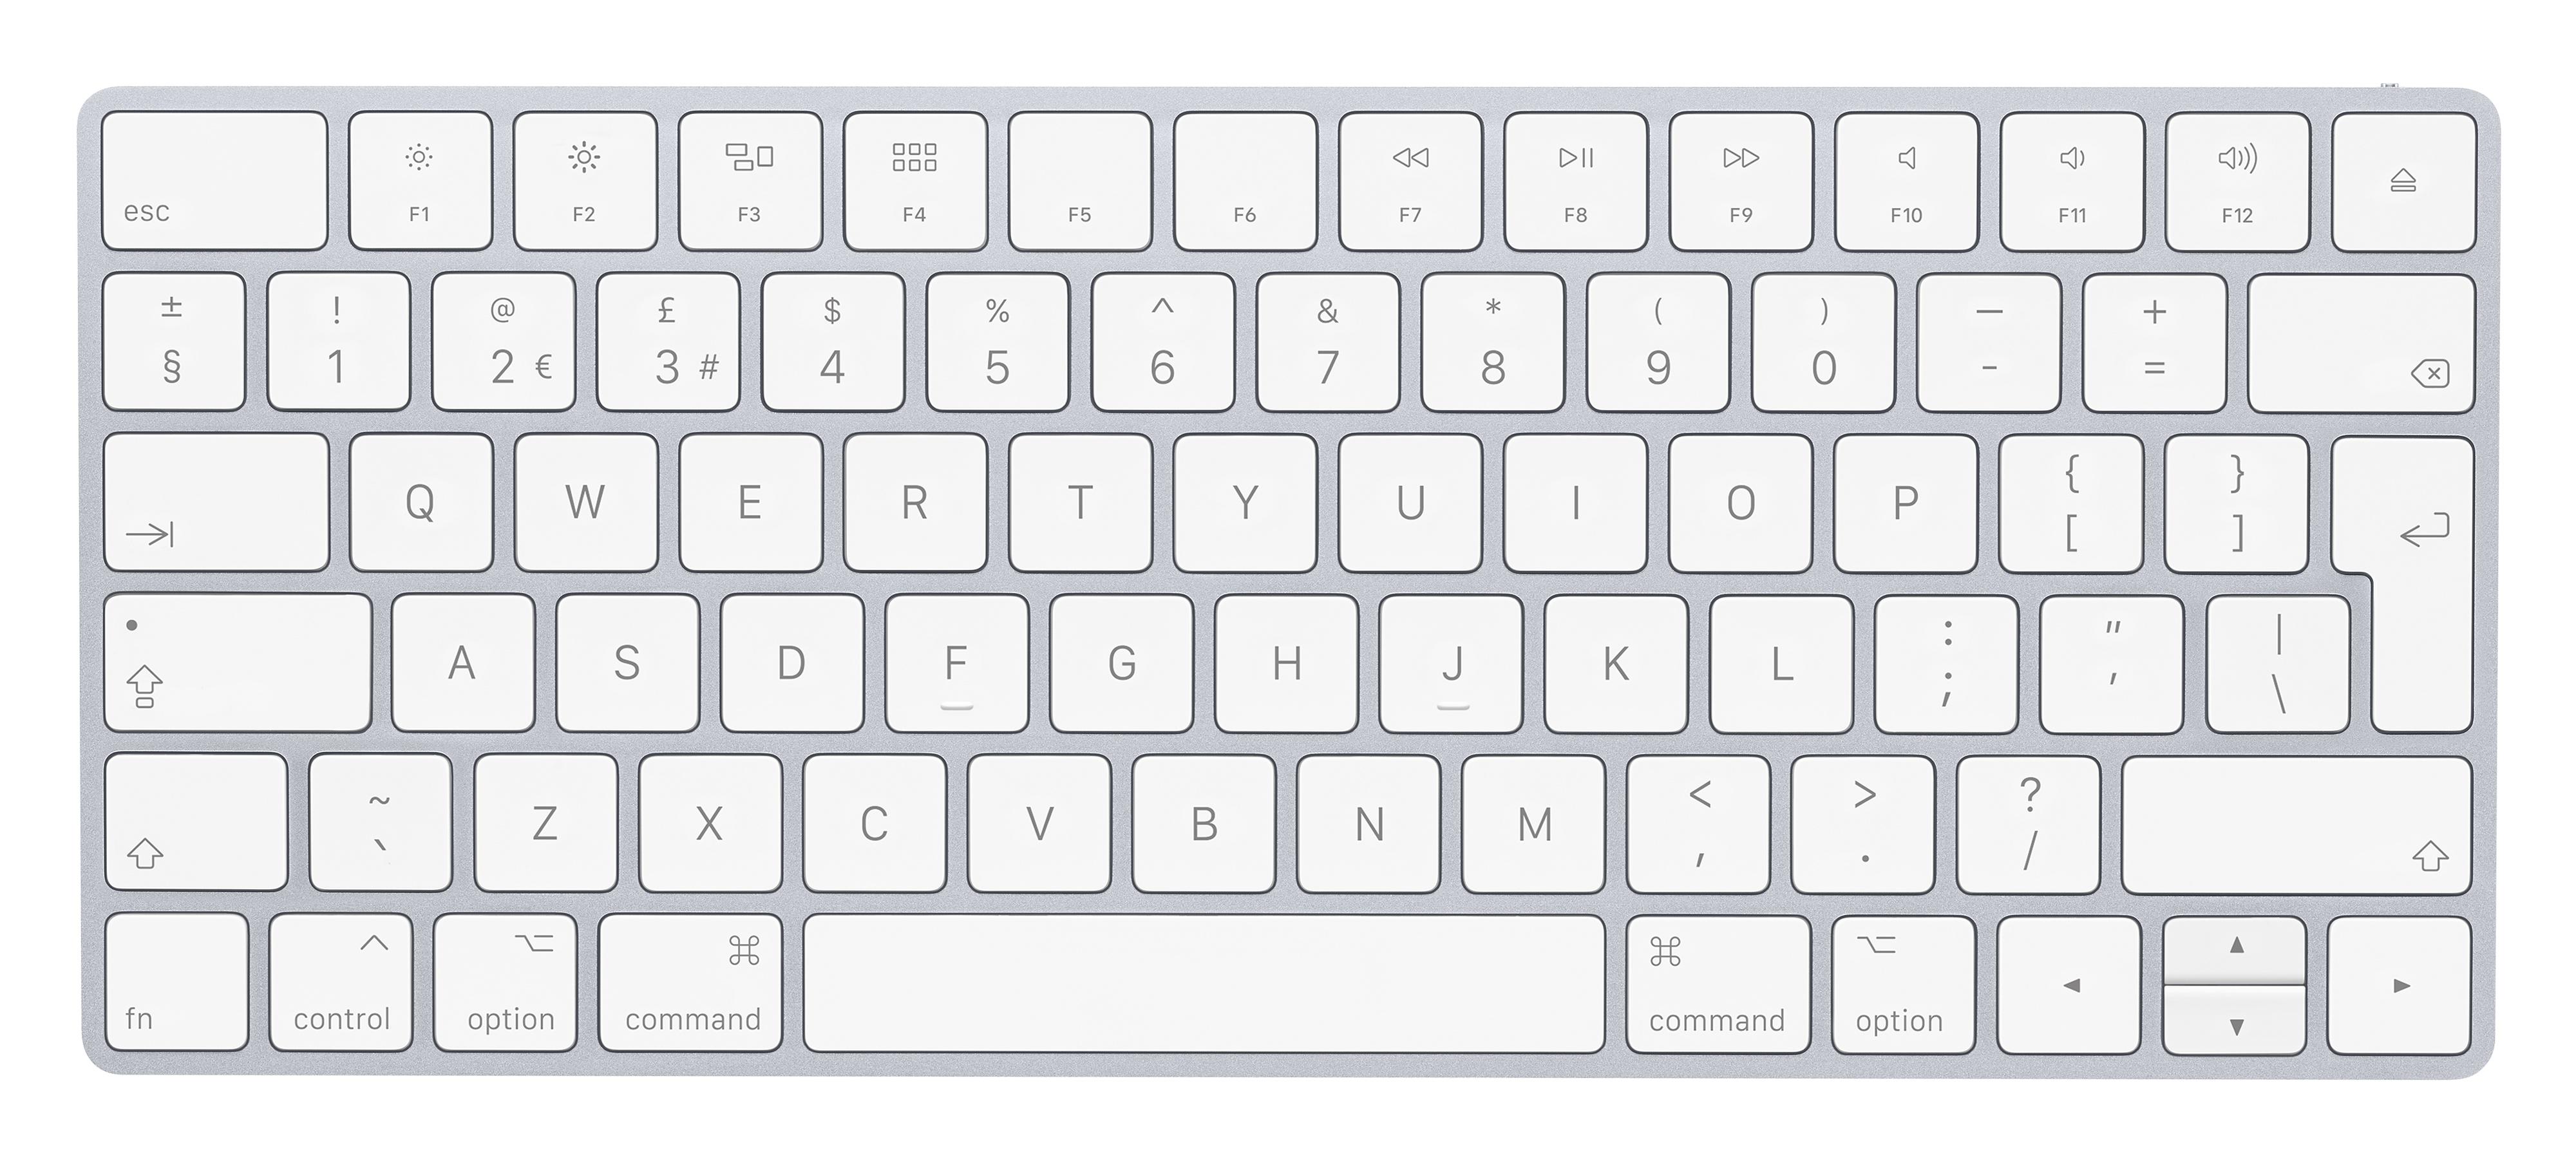 Apple Keyboard Get Function Keys Working Properly In